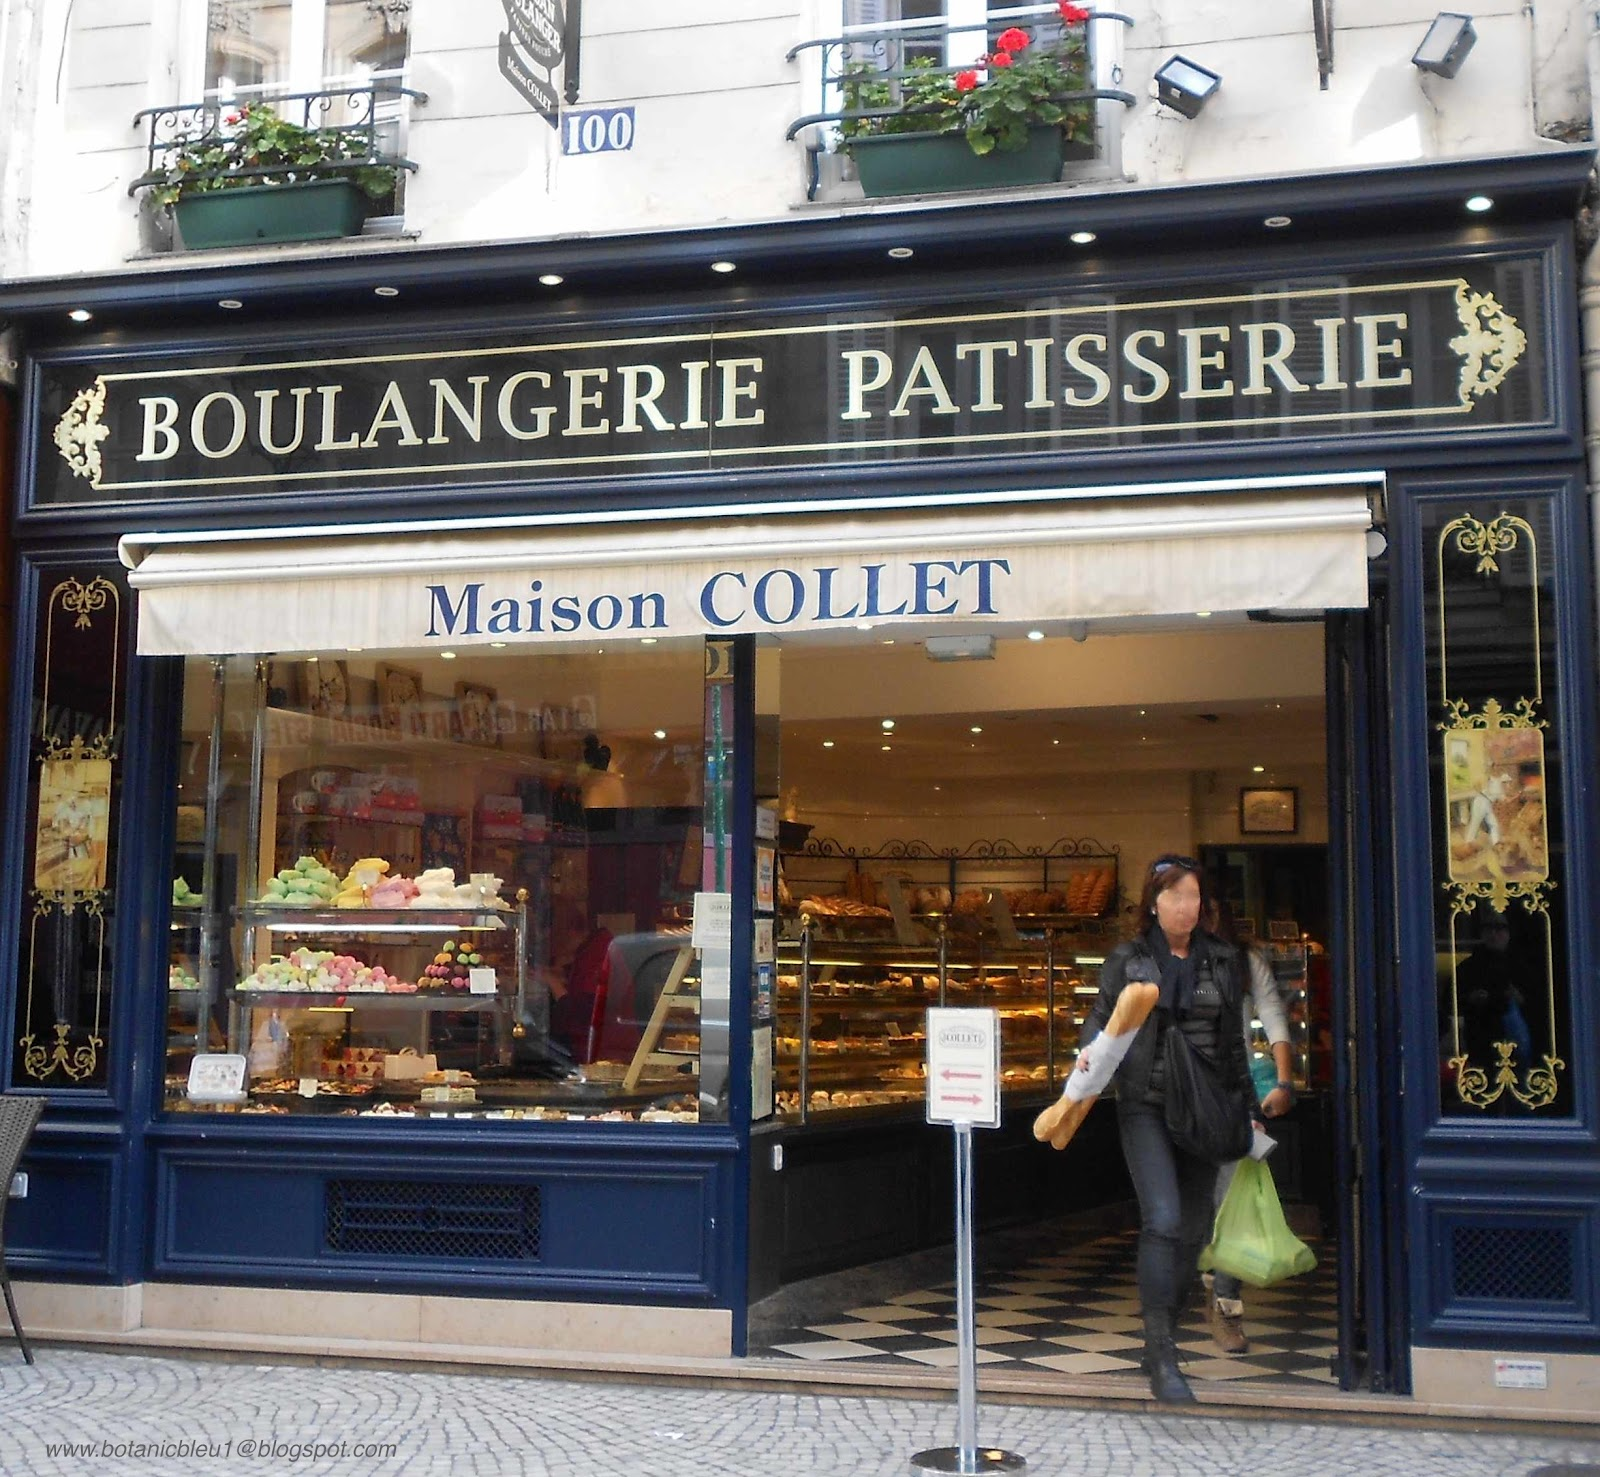 Botanic Bleu: French Boulangerie or Patisserie?